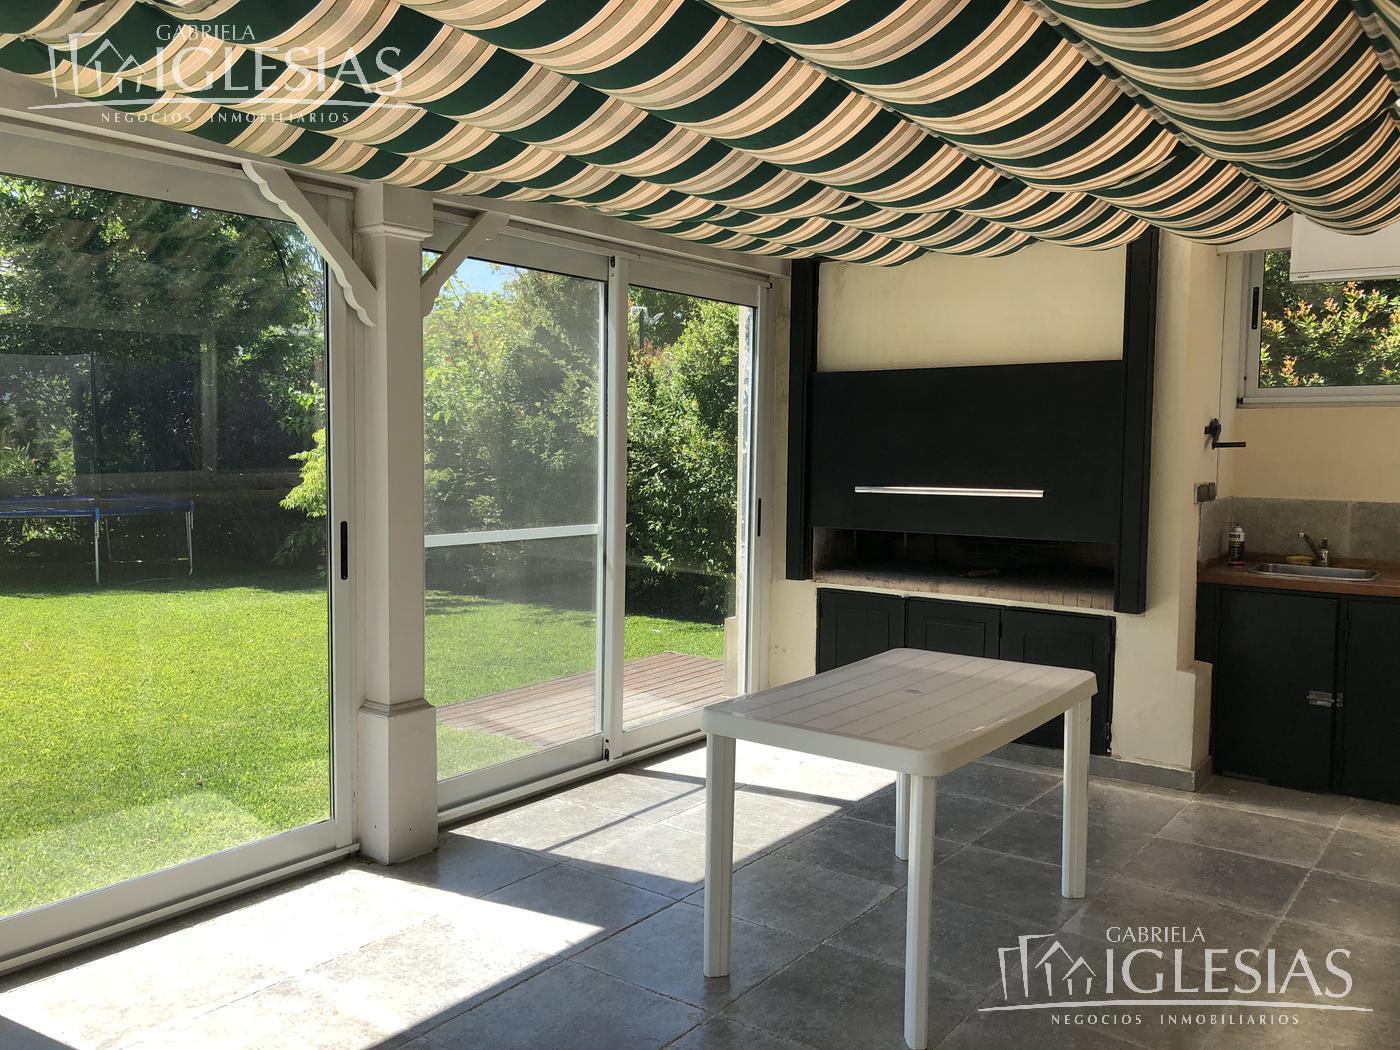 Casa en Venta en Las Caletas a Venta - u$s 790.000